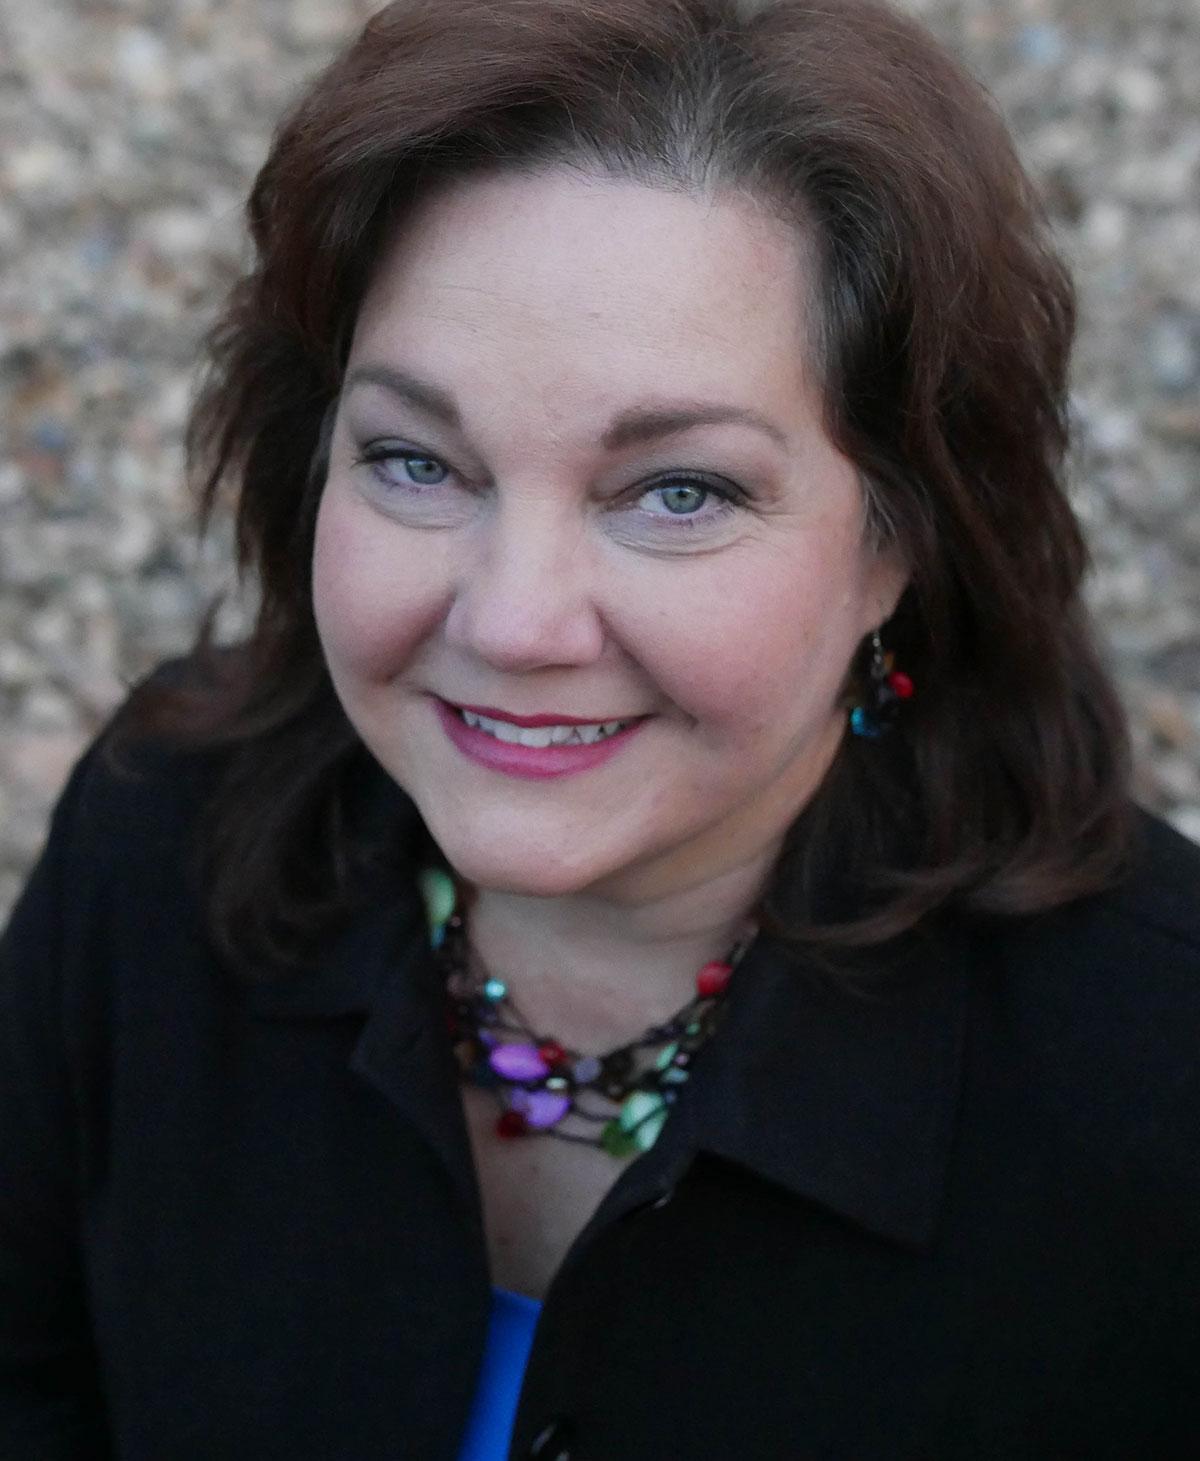 Barbara Sheehan-Zeidler, LPC